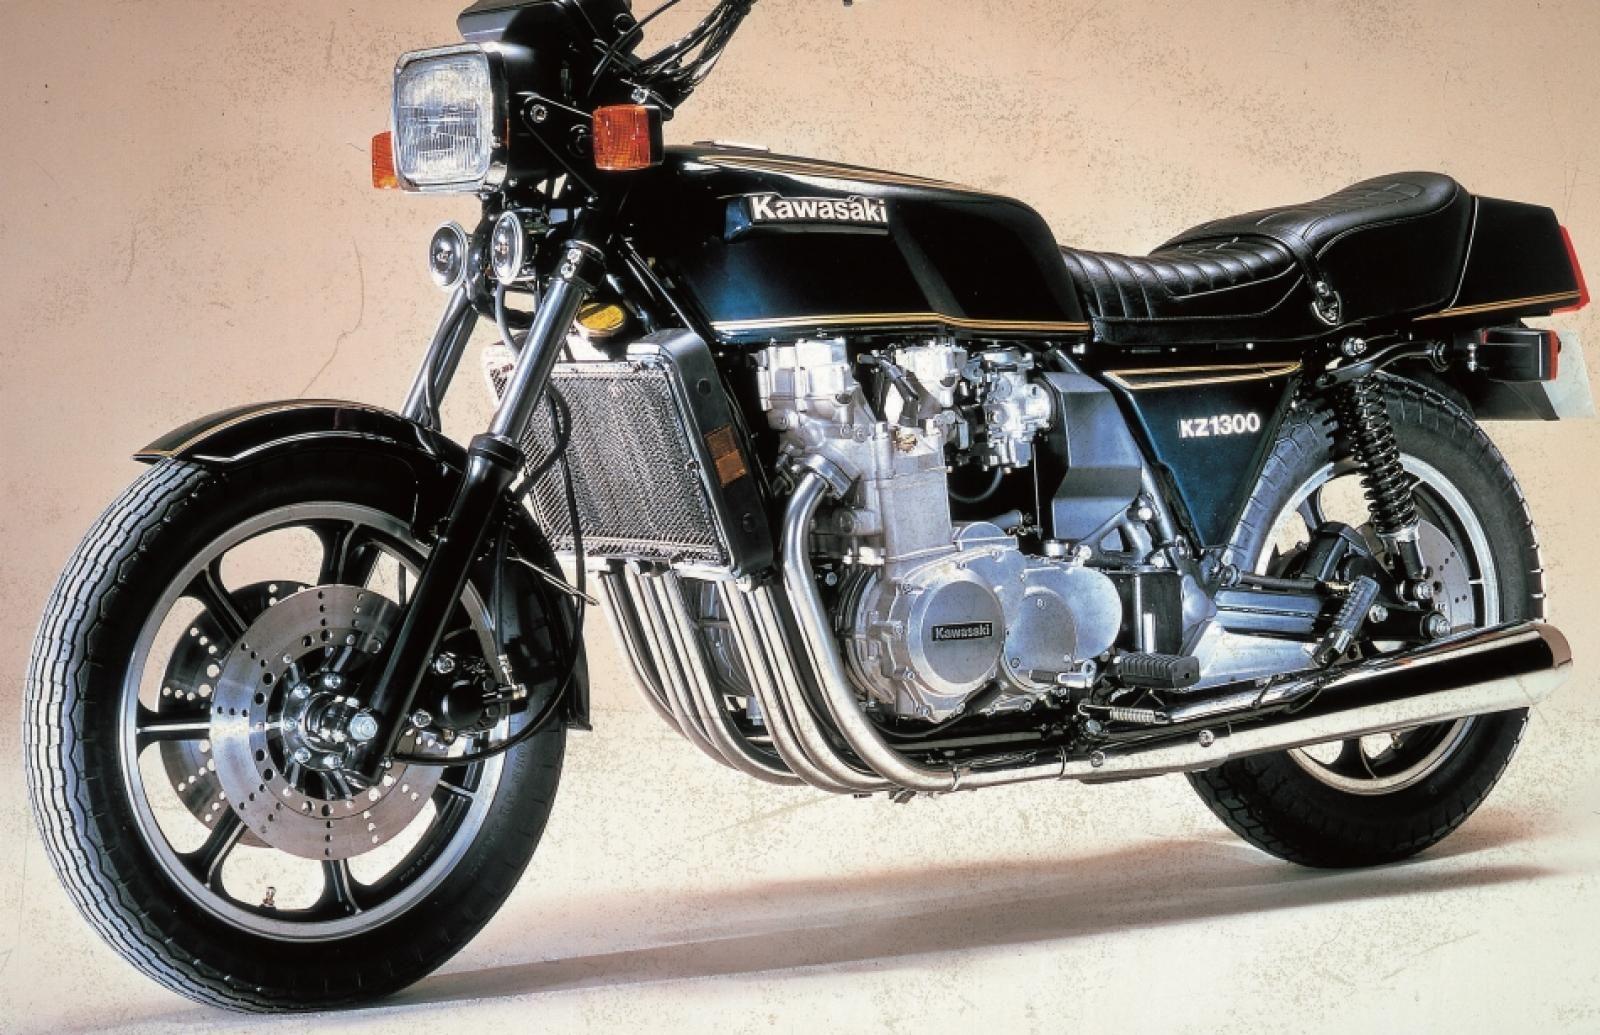 kawasaki-z1300-1980 | kawa 1300 | Motorcycle, Kawasaki motorcycles